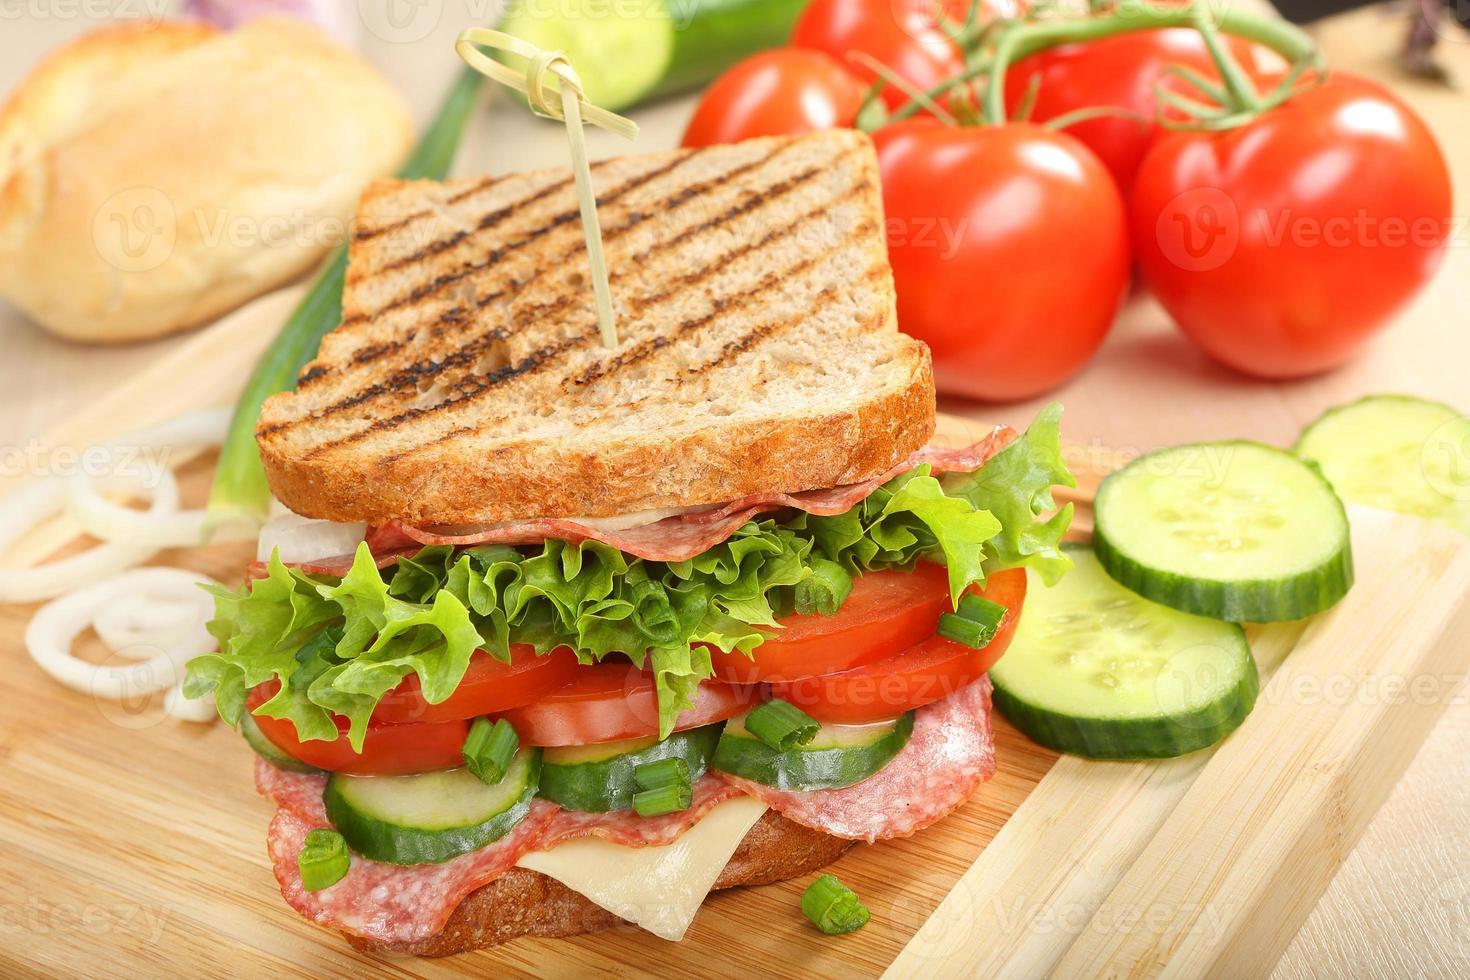 Sandwich mit Käse und Salami auf Holzhintergrund foto